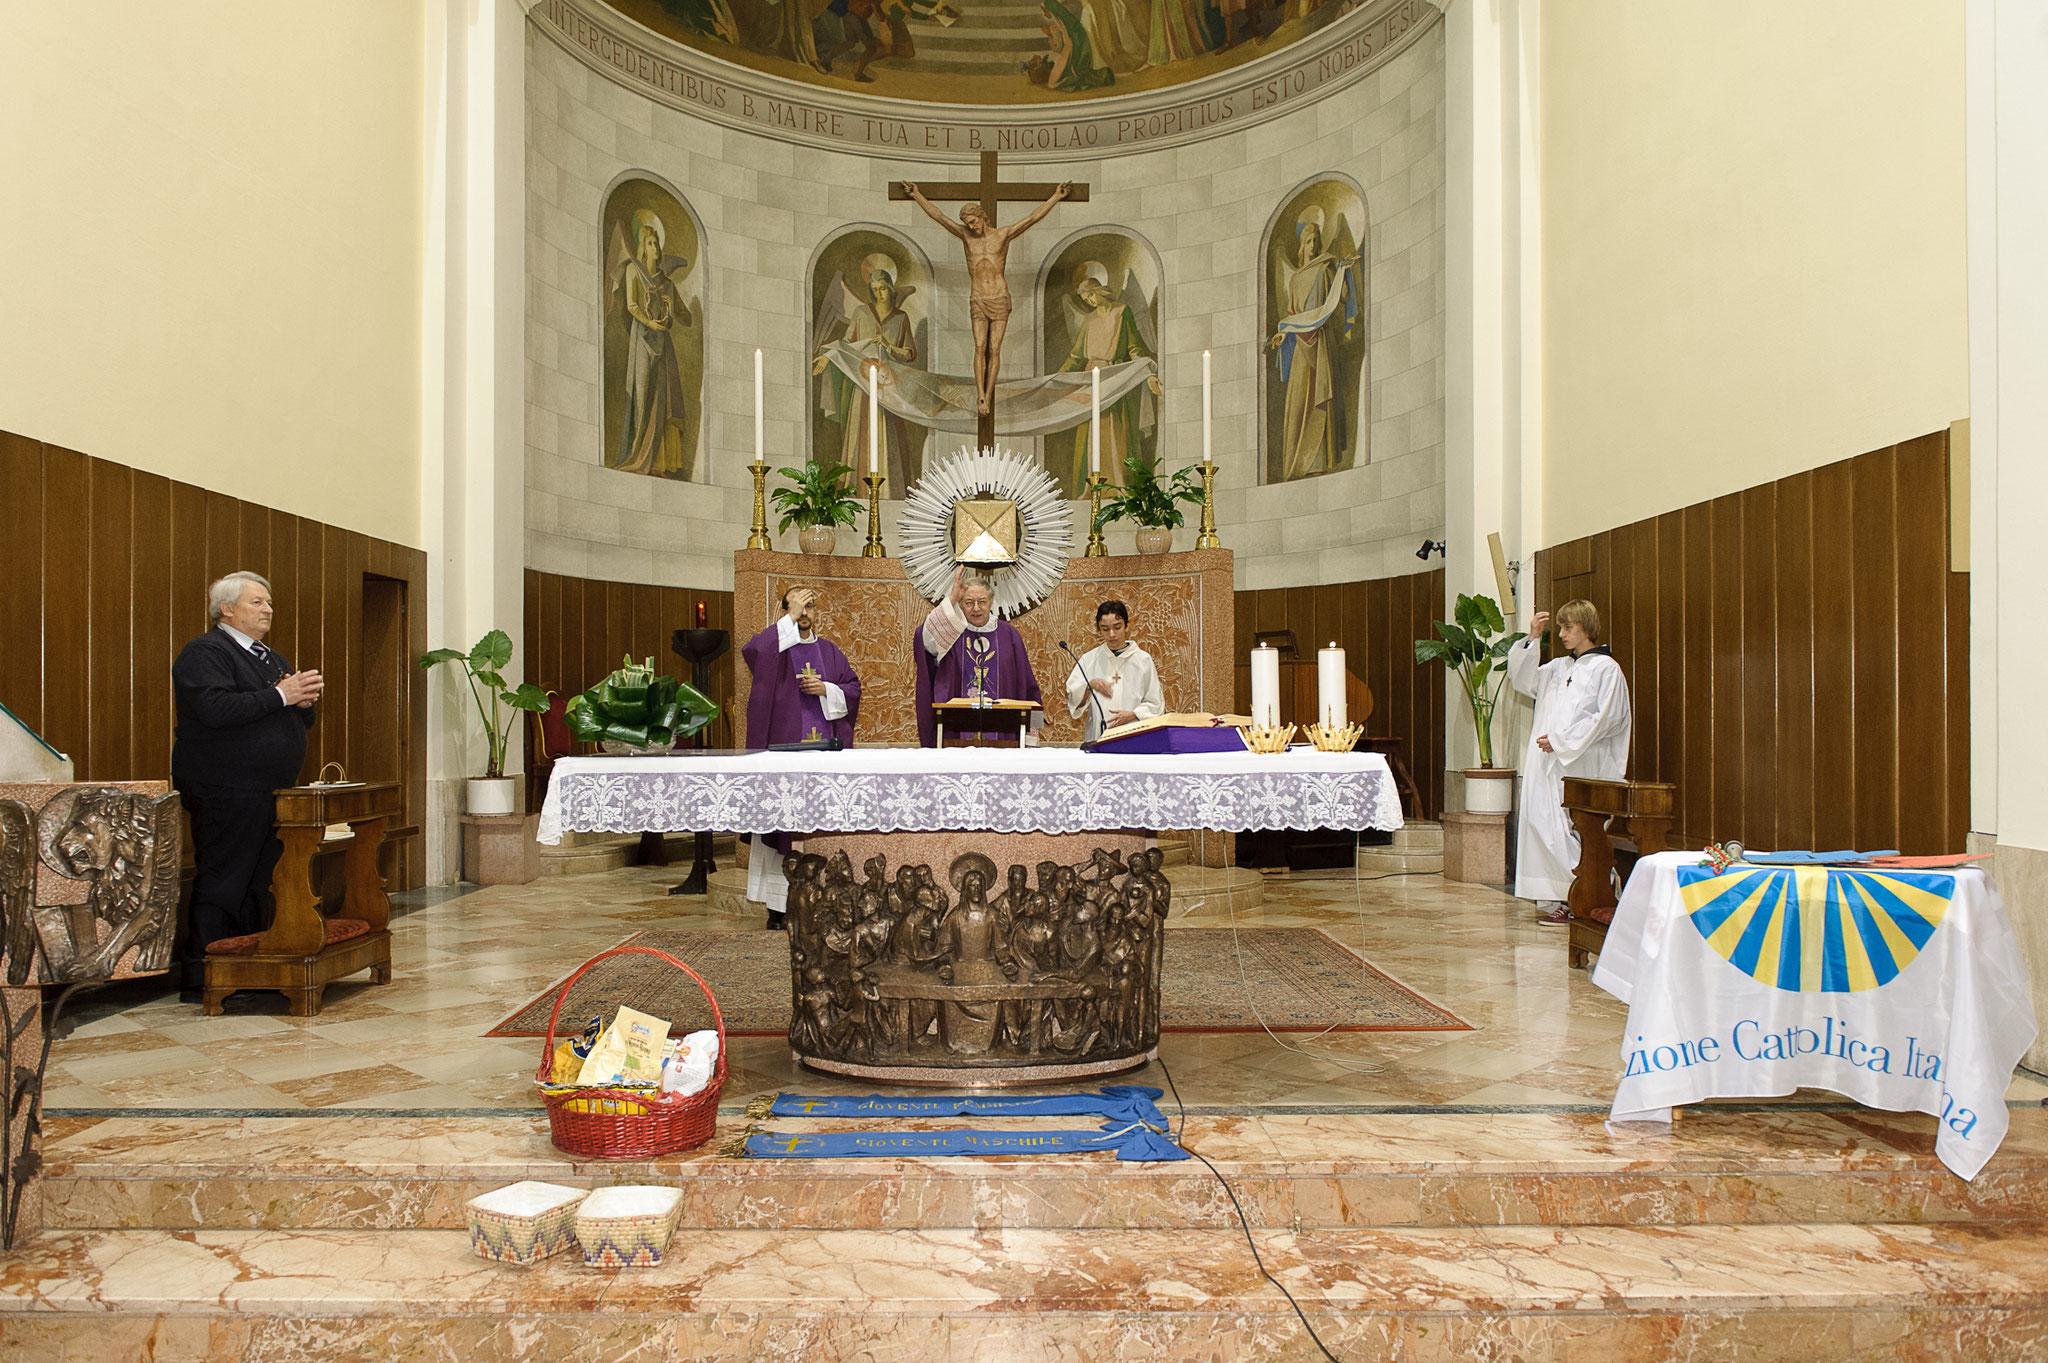 Celebrazione eucaristica per i 100 anni - 09.03.2013